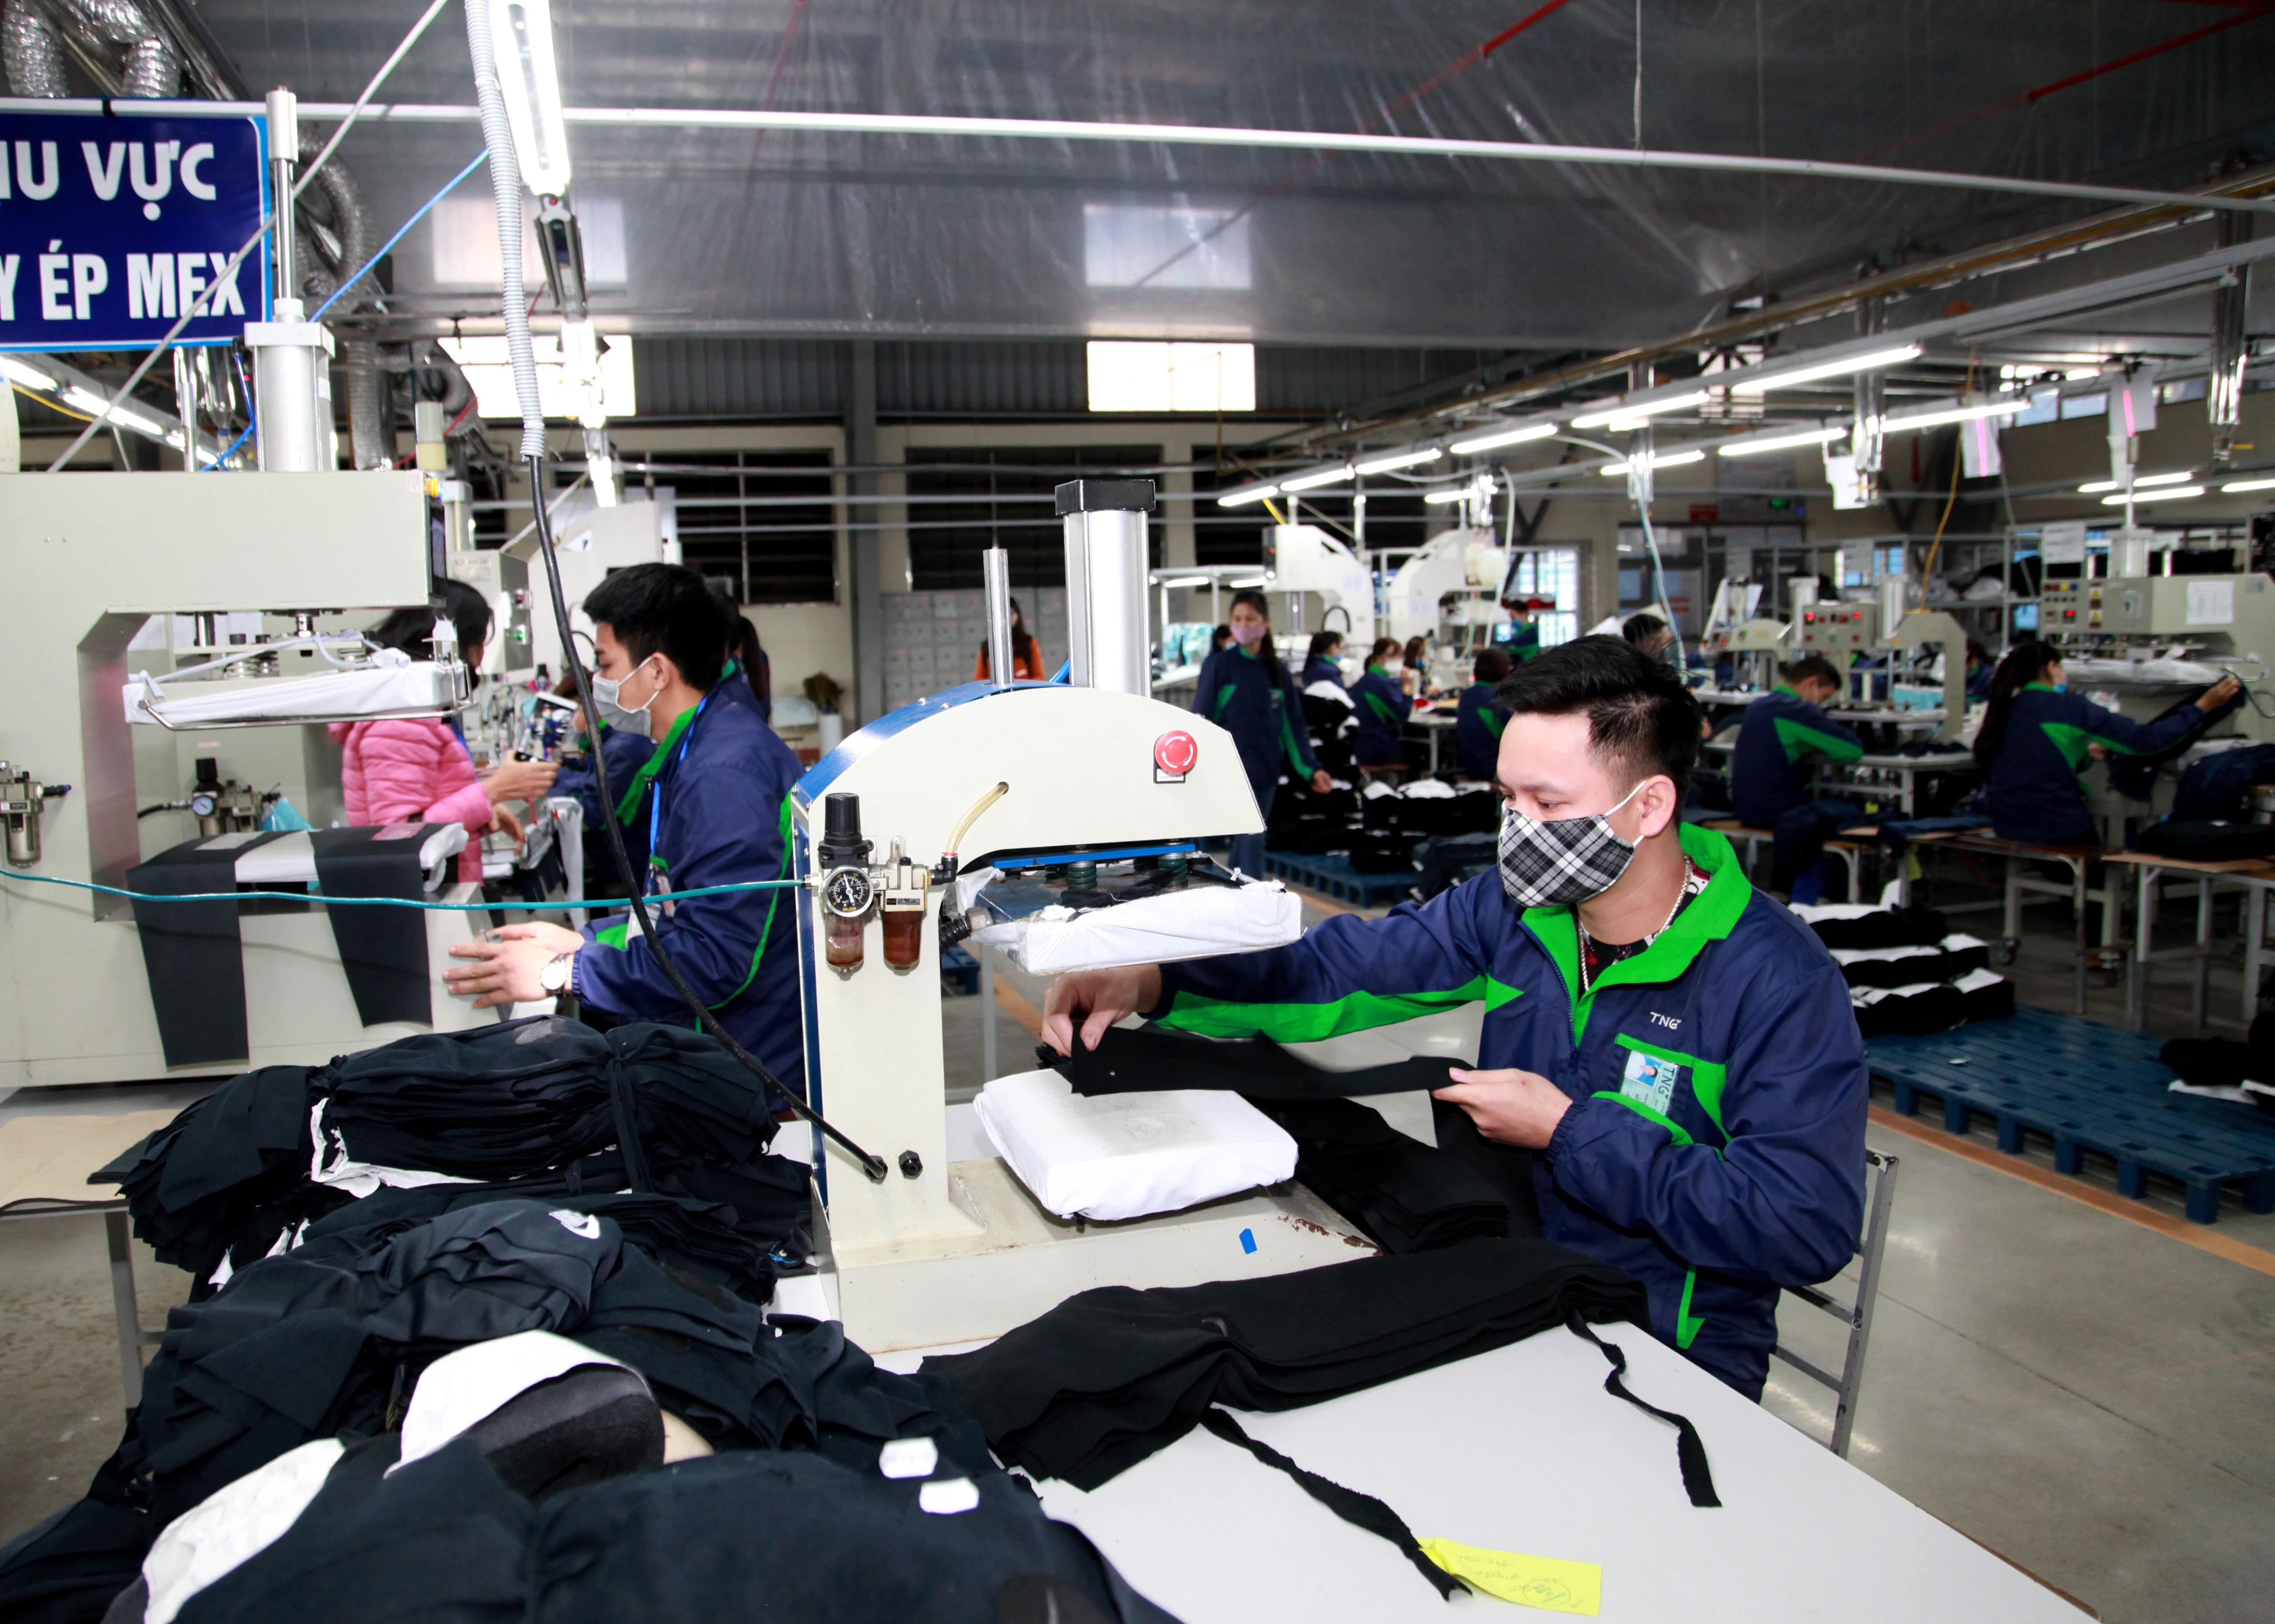 Công nhân một doanh nghiệp chuyên sản xuất hàng may mặc. Ảnh - Mạnh Dũng.